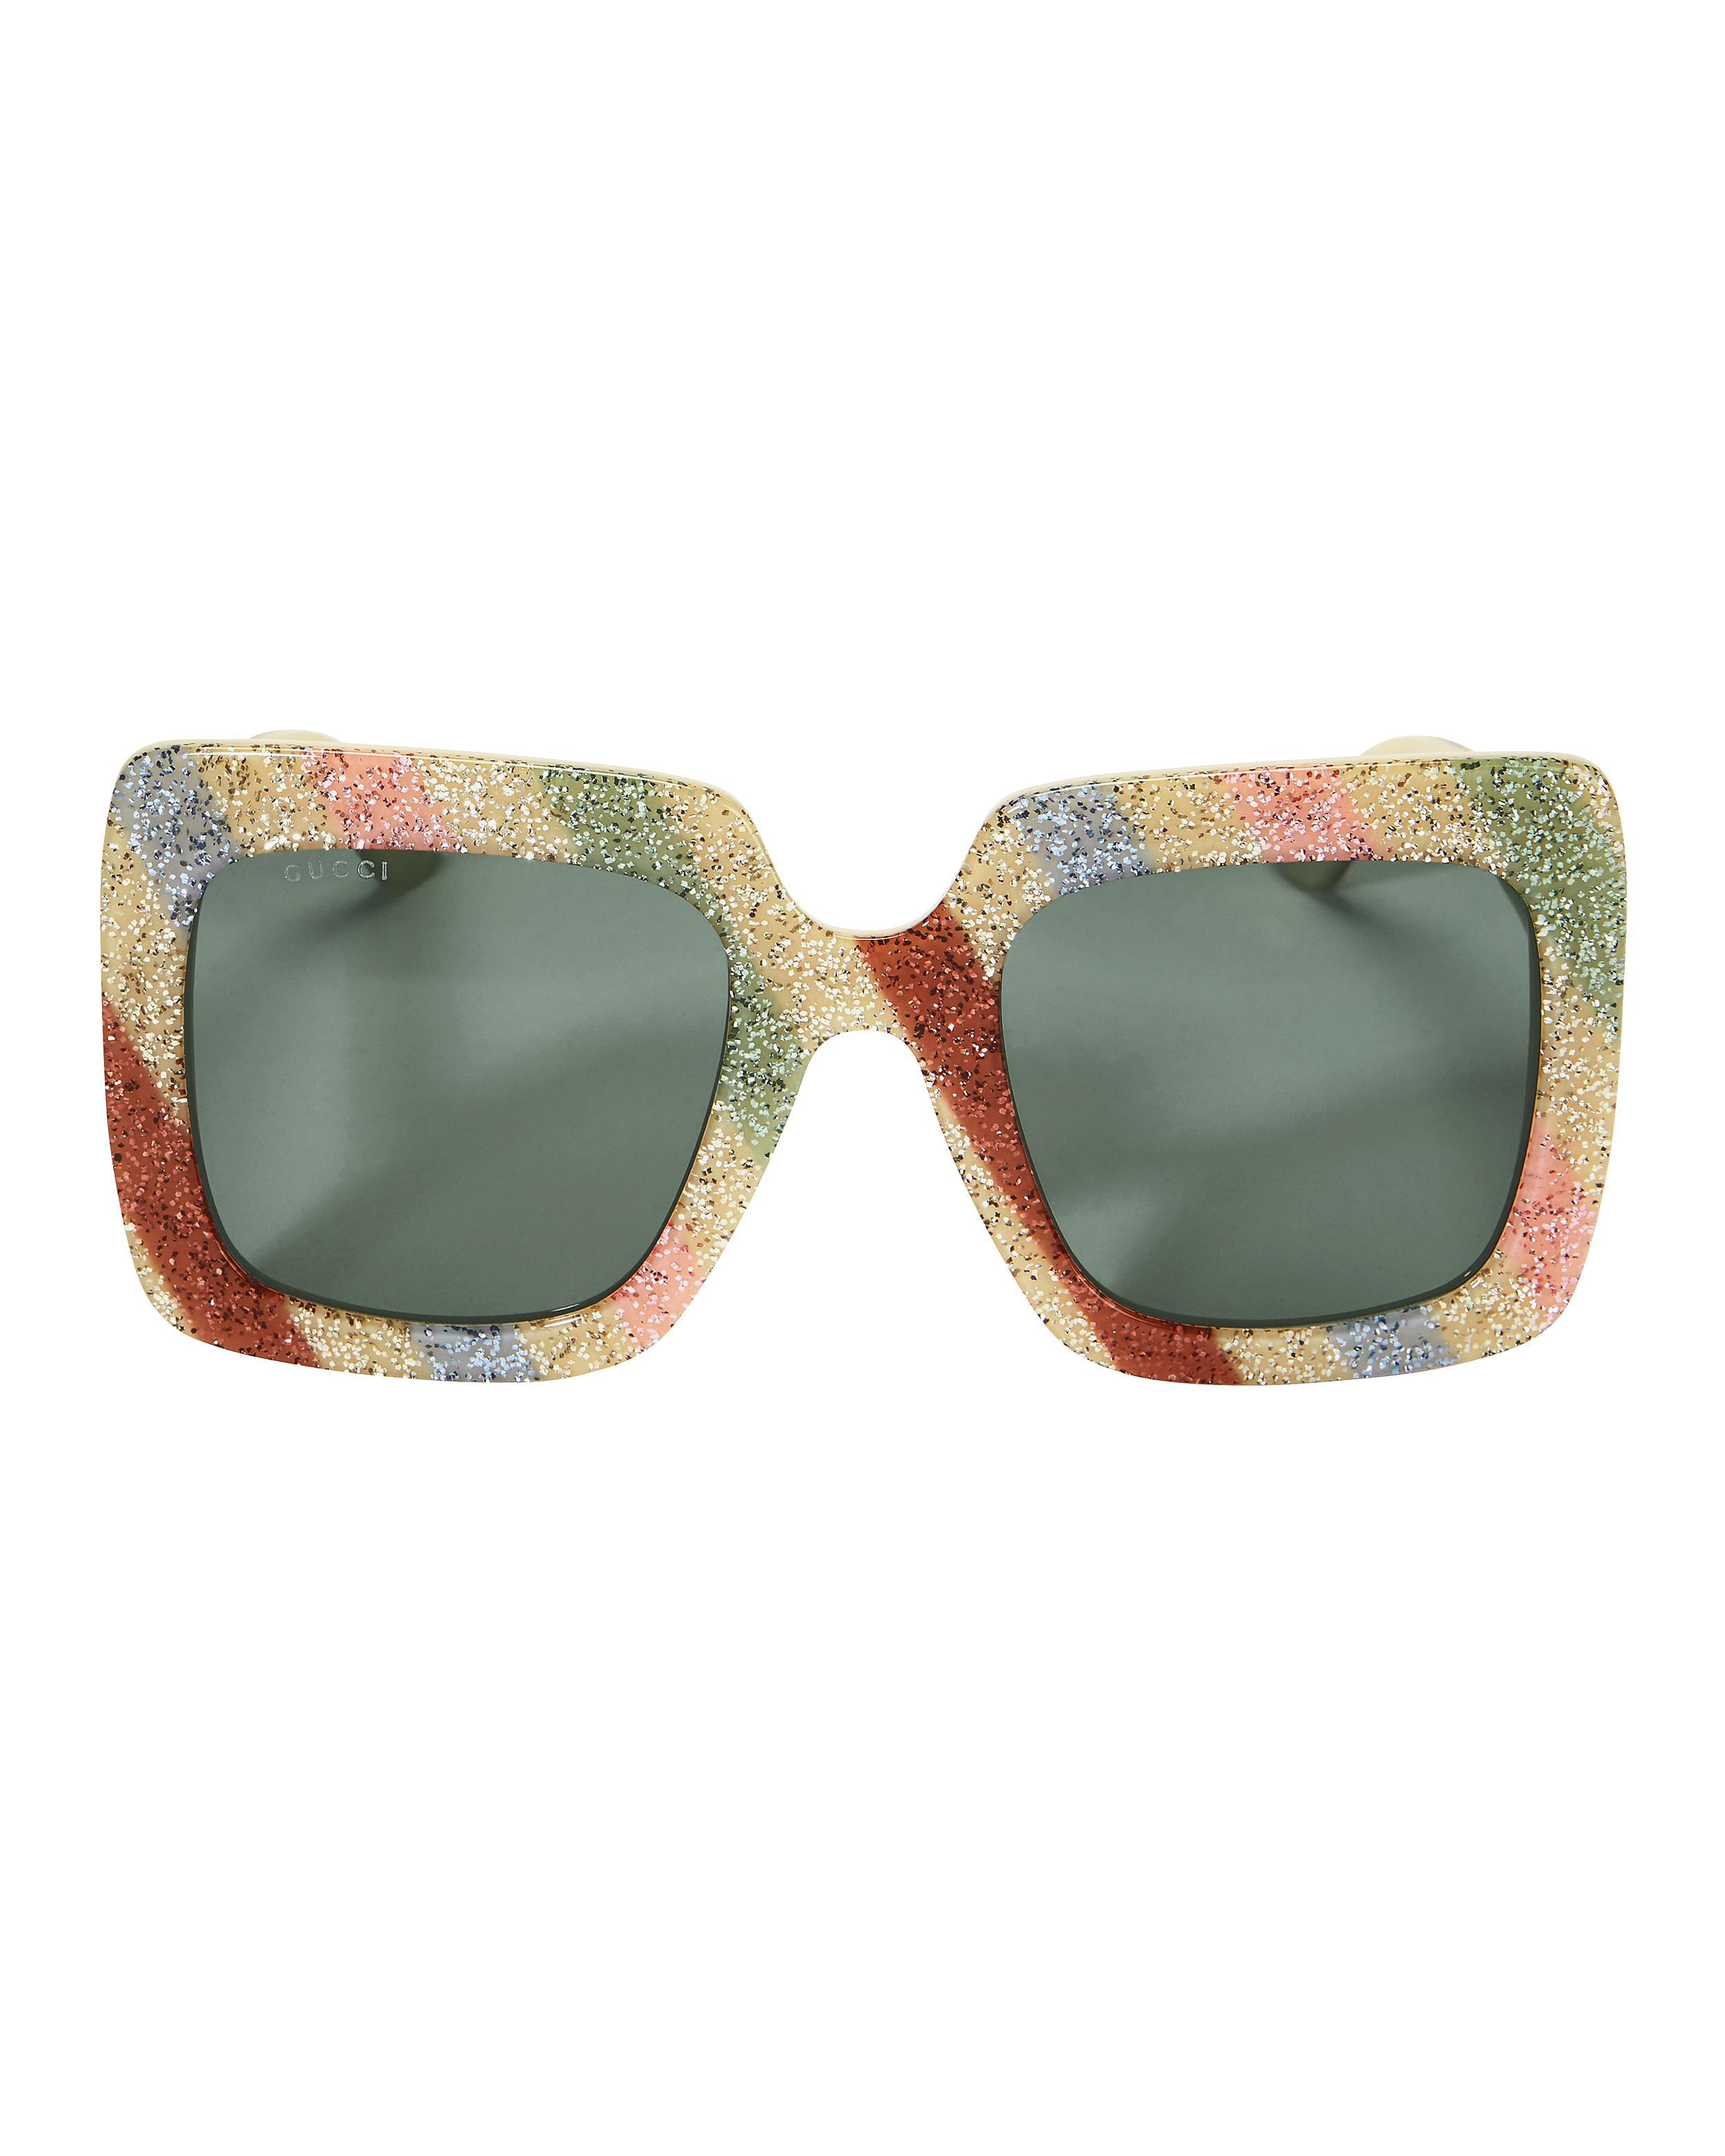 5235c84a62 Gucci - Multicolor Oversized Glitter Sunglasses - Lyst. View fullscreen